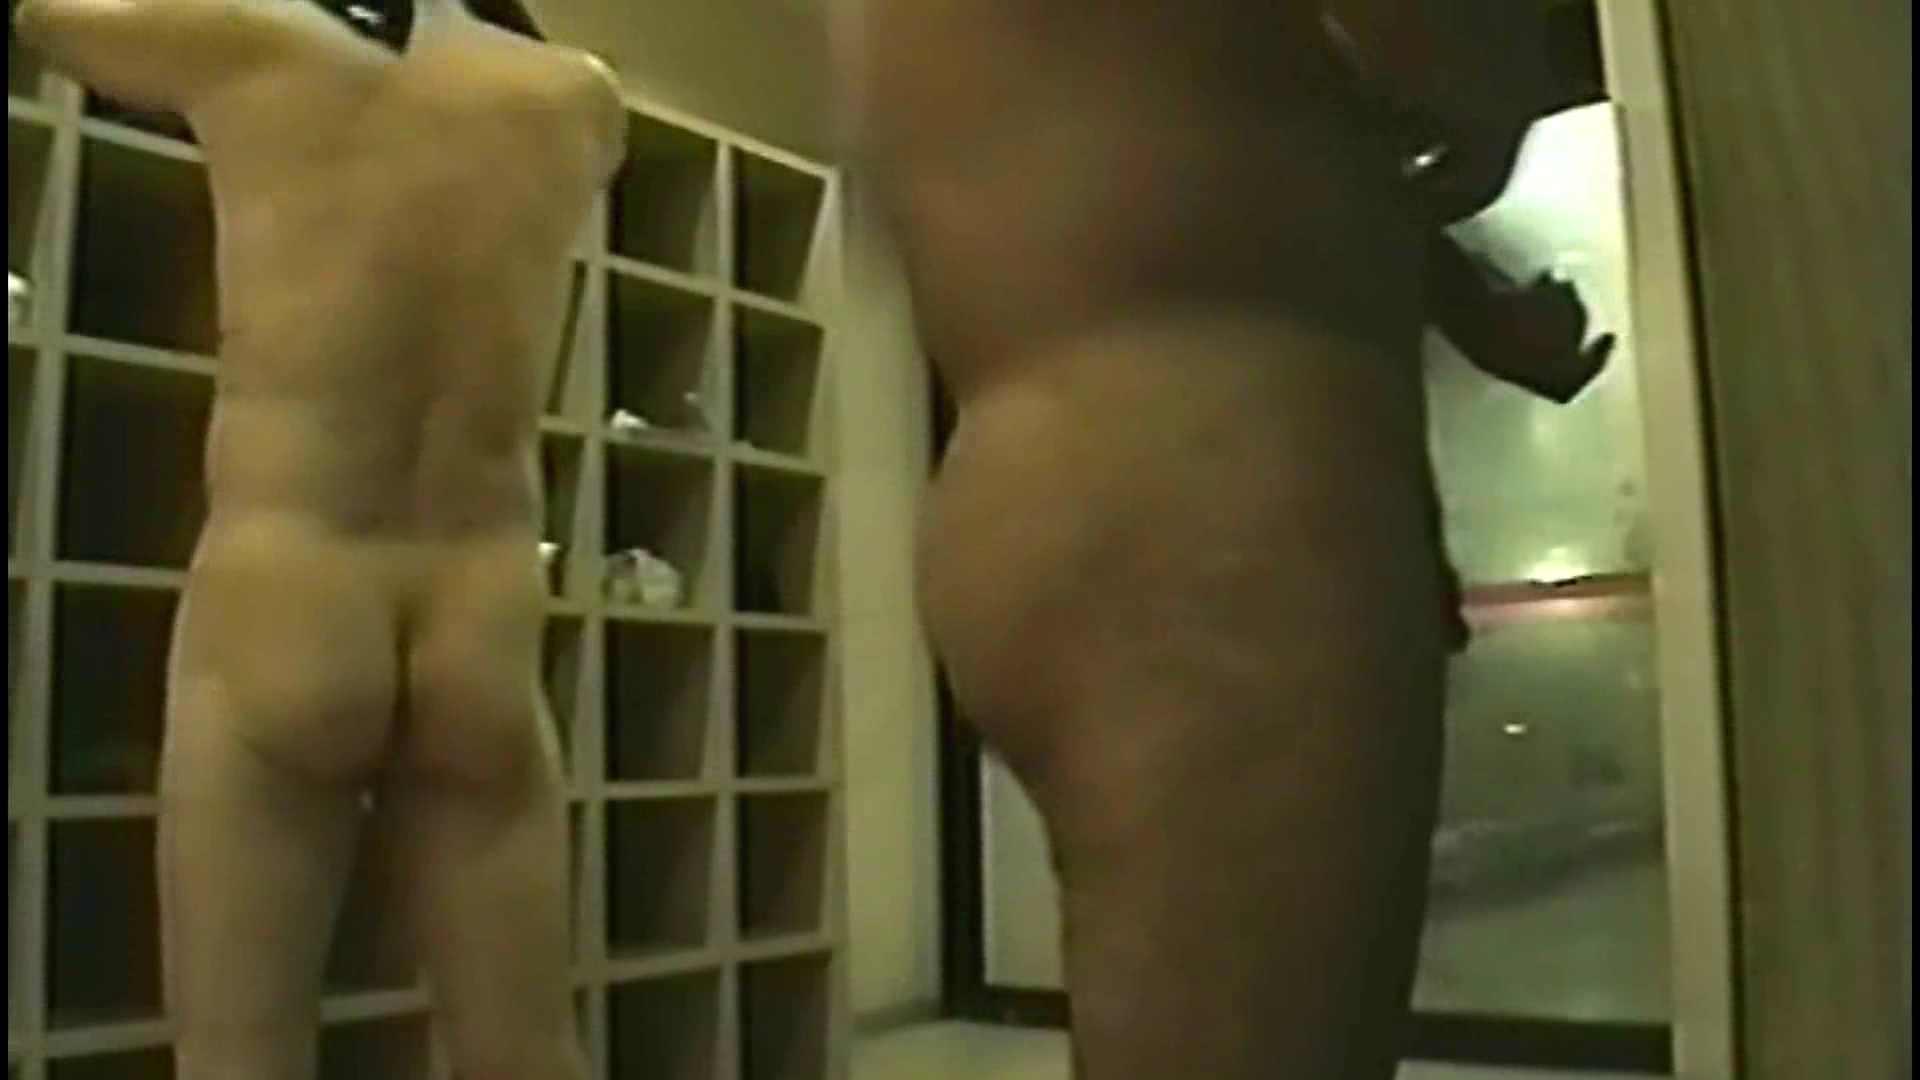 男風呂覗かせていただきます。Vol.03 スリム美少年系ジャニ系 ゲイSEX画像 80枚 8